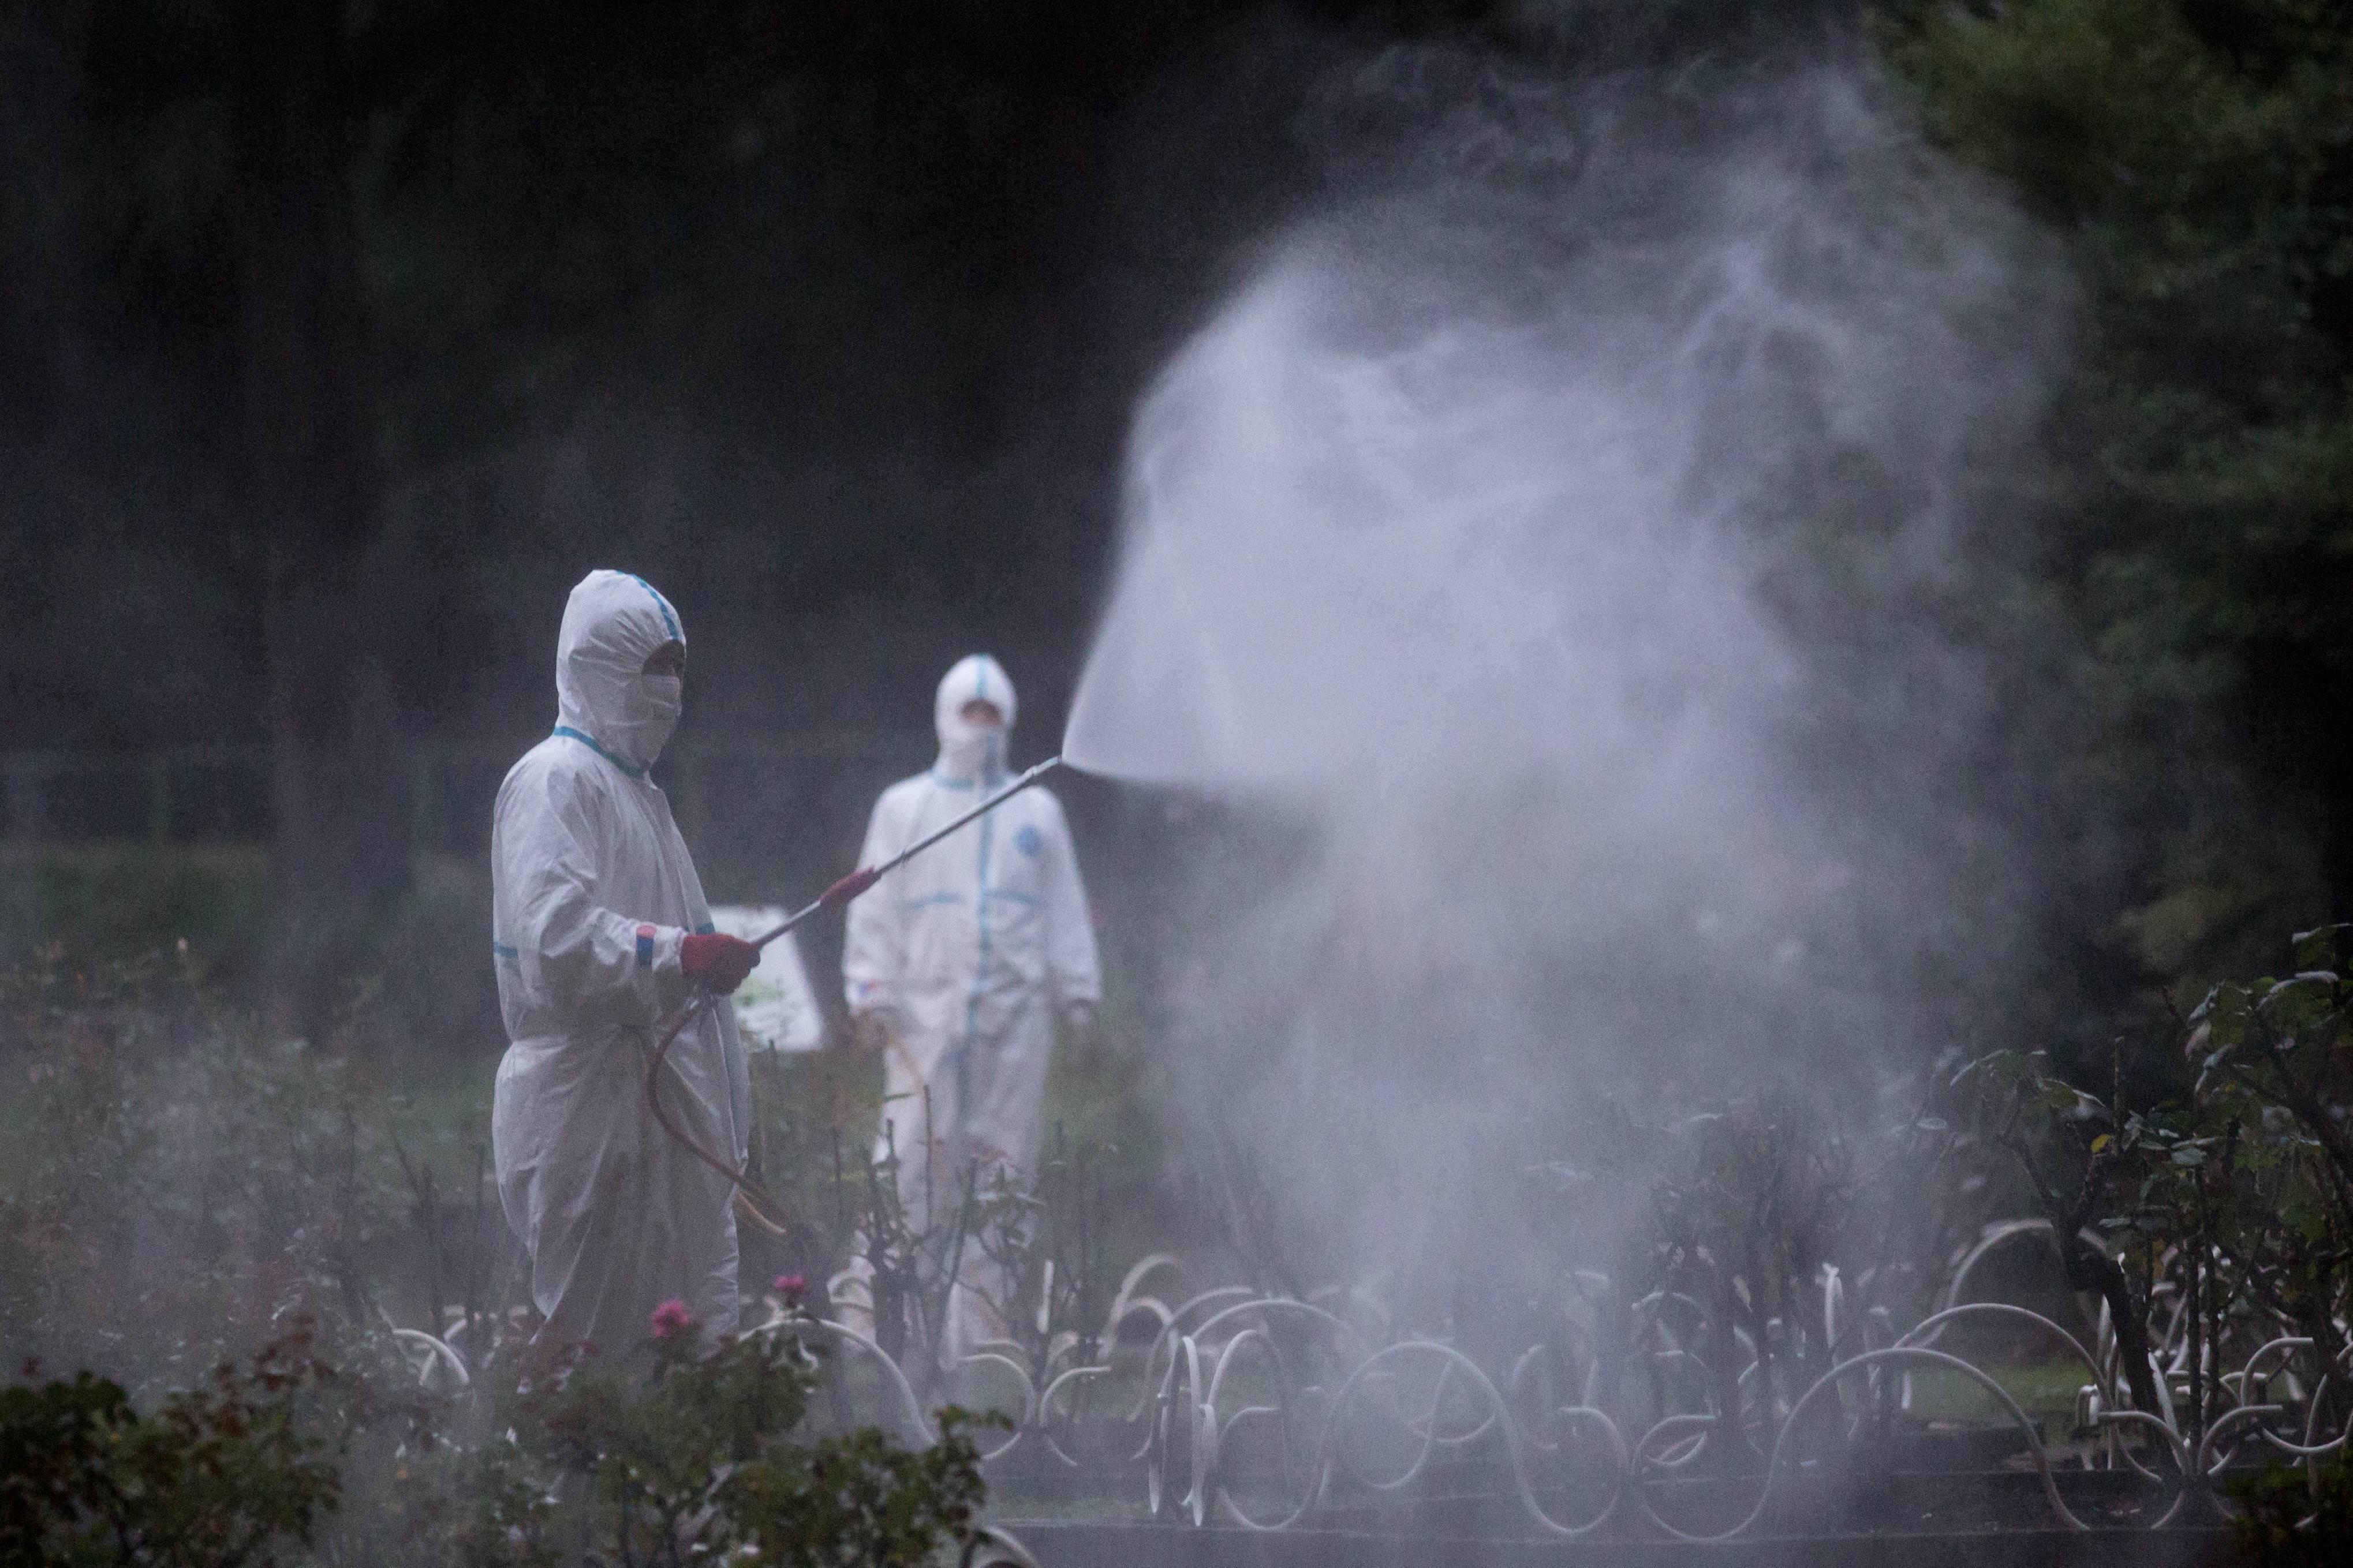 Monsanto es condenado a pagar una multimillonaria suma por supuestamente haber causado cáncer con uno de sus herbicidas